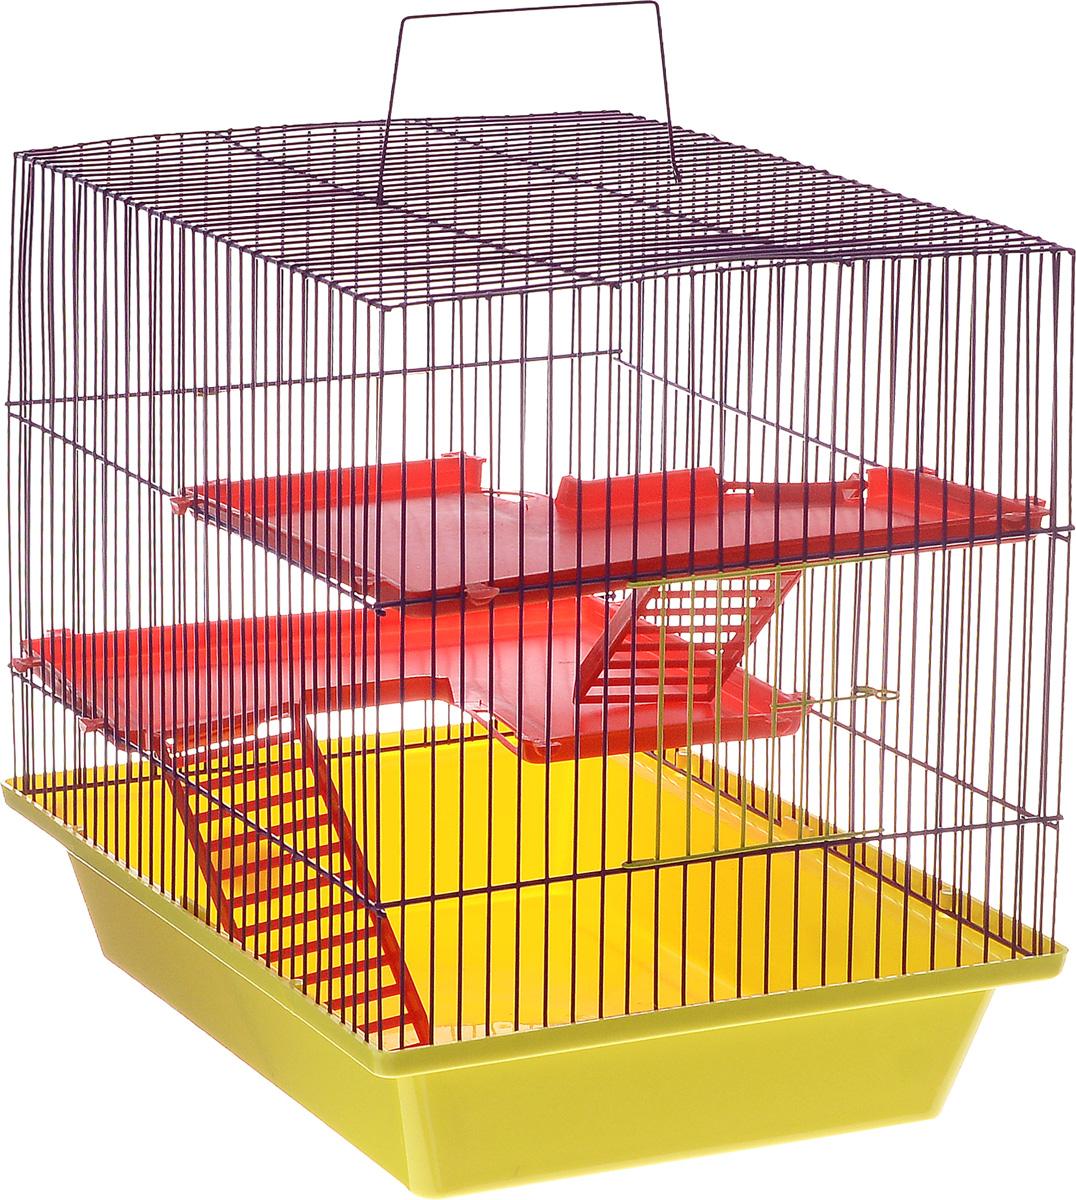 Клетка для грызунов ЗооМарк Гризли, 3-этажная, цвет: желтый поддон, фиолетовая решетка, красные этажи, 41 х 30 х 36 см230ЖФКлетка ЗооМарк Гризли, выполненная из полипропилена и металла, подходит для мелких грызунов. Изделие трехэтажное. Клетка имеет яркий поддон, удобна в использовании и легко чистится. Сверху имеется ручка для переноски.Такая клетка станет уединенным личным пространством и уютным домиком для маленького грызуна.